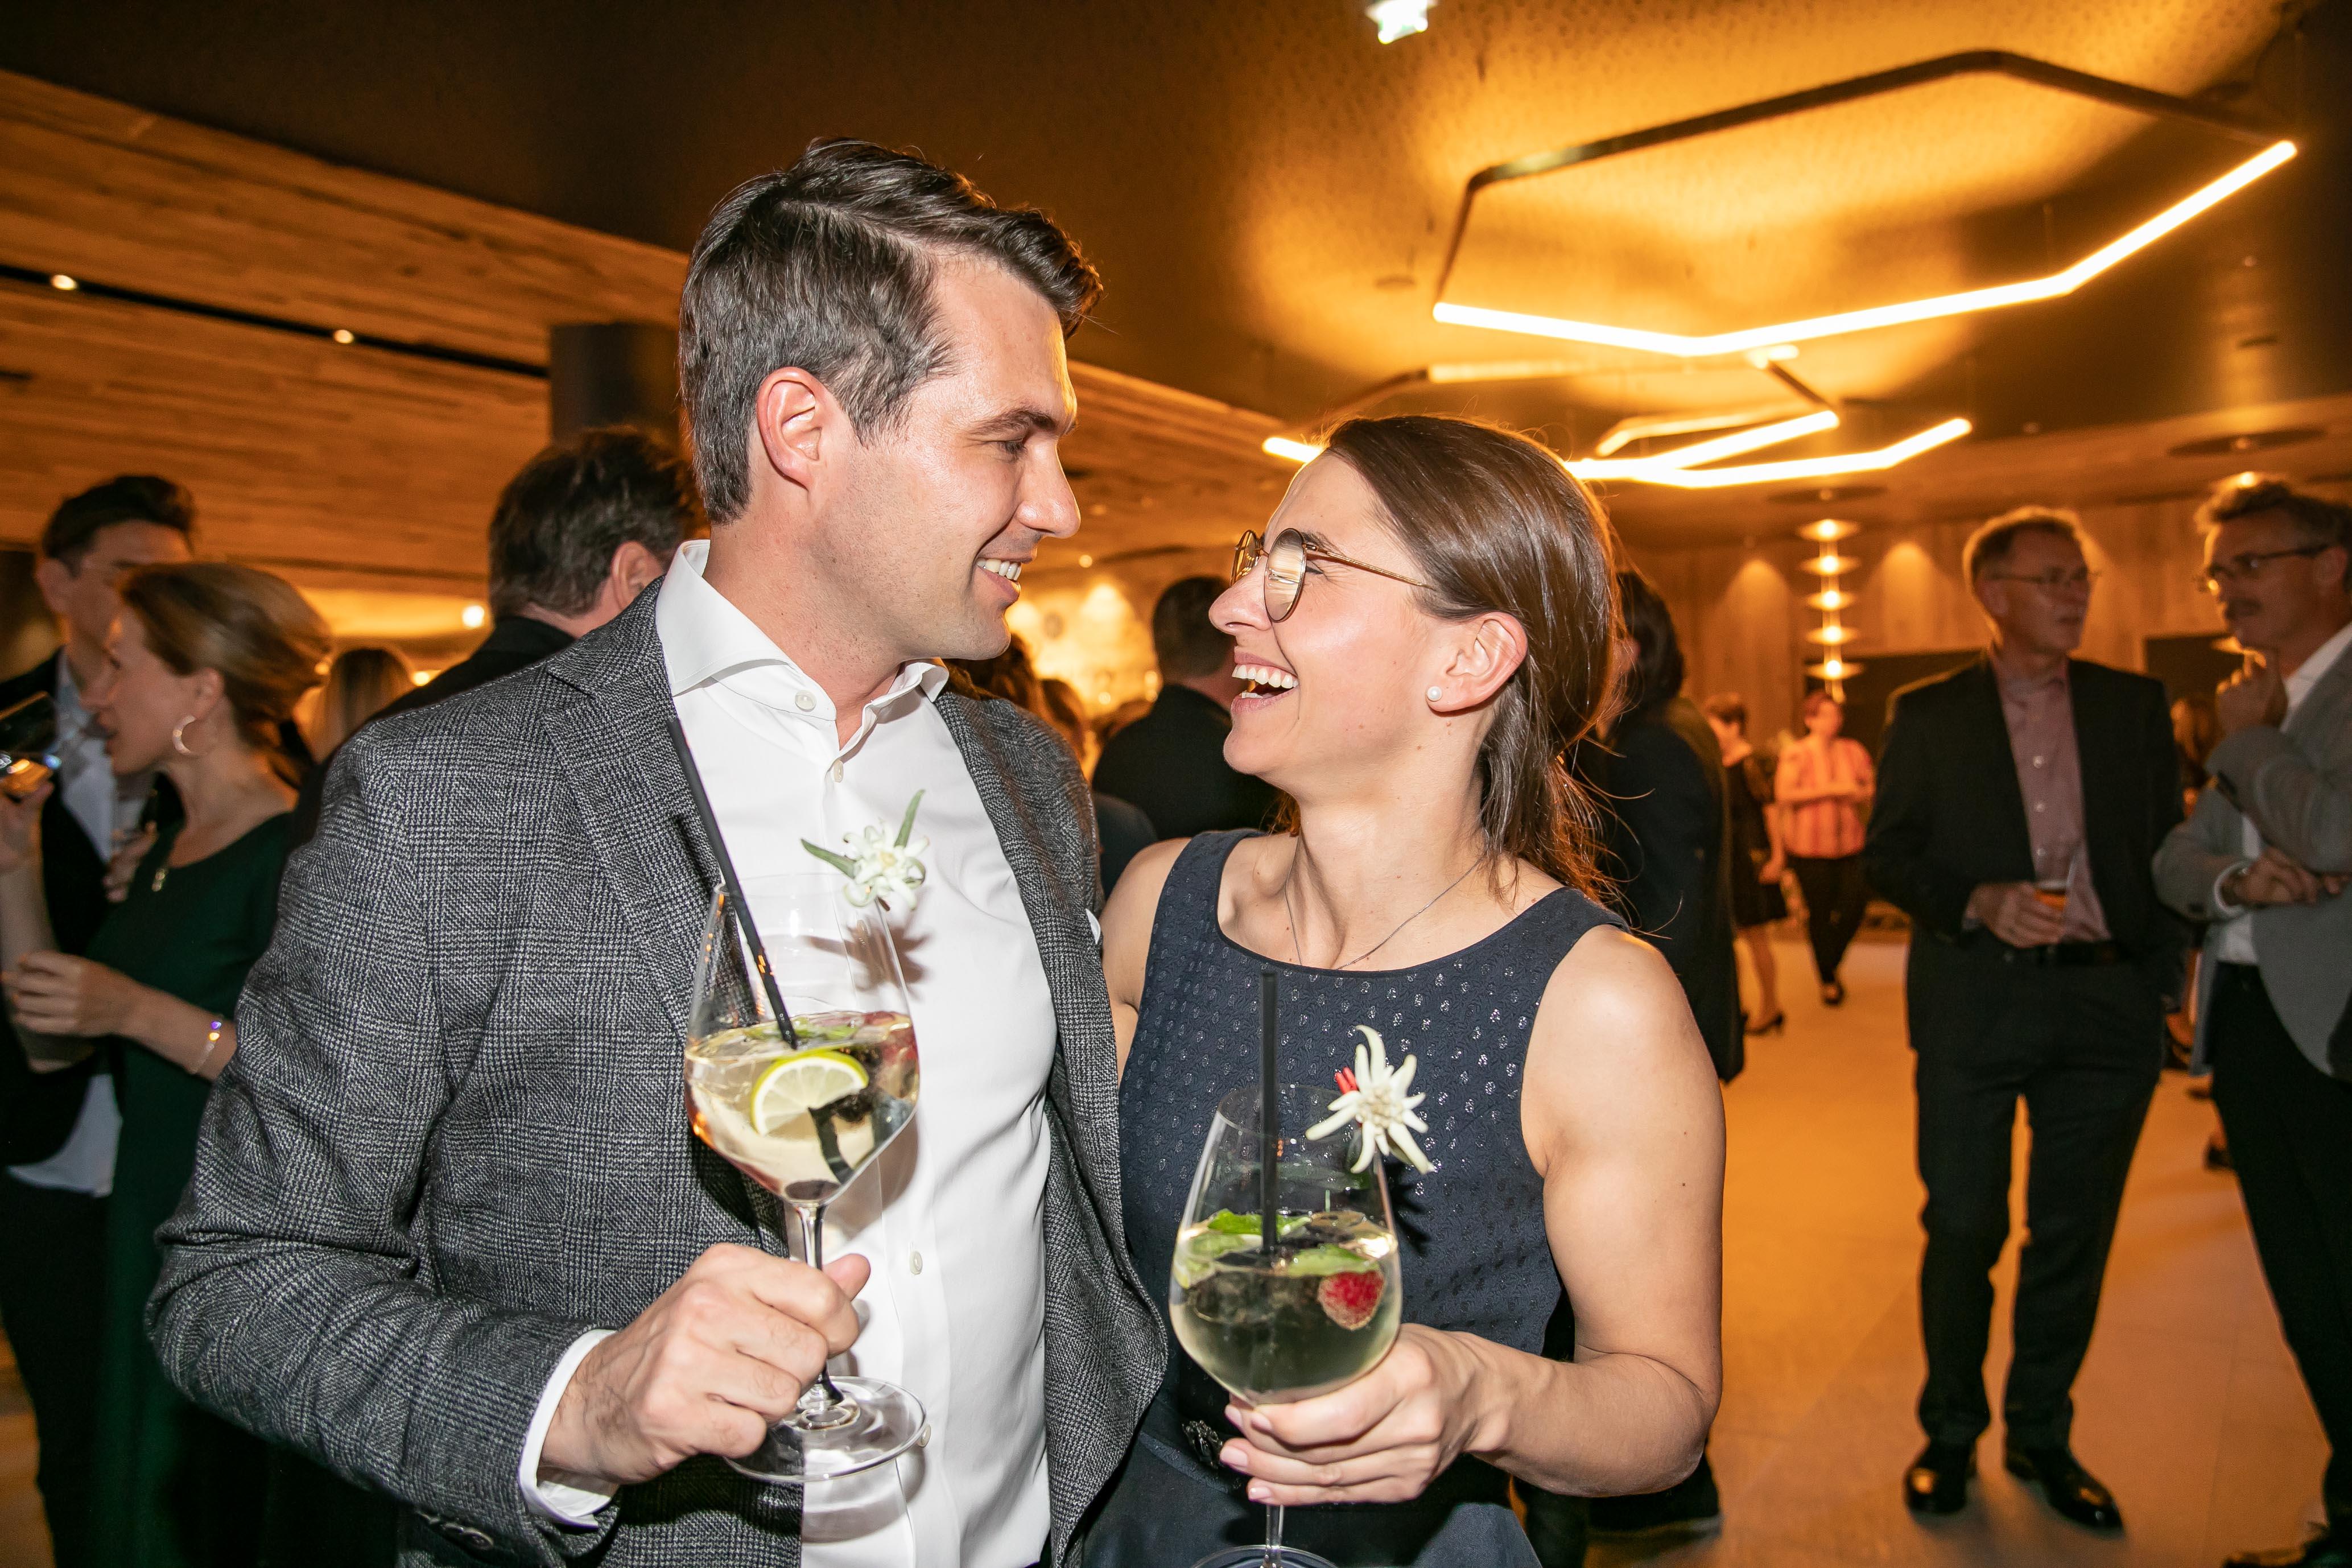 Peter und Karin Hettegger, Juniorchefs, Hotel Edelweiss, Eröffnung nach Umbau, Großarl, Salzburg, 20190920, ©www.wildbild.at